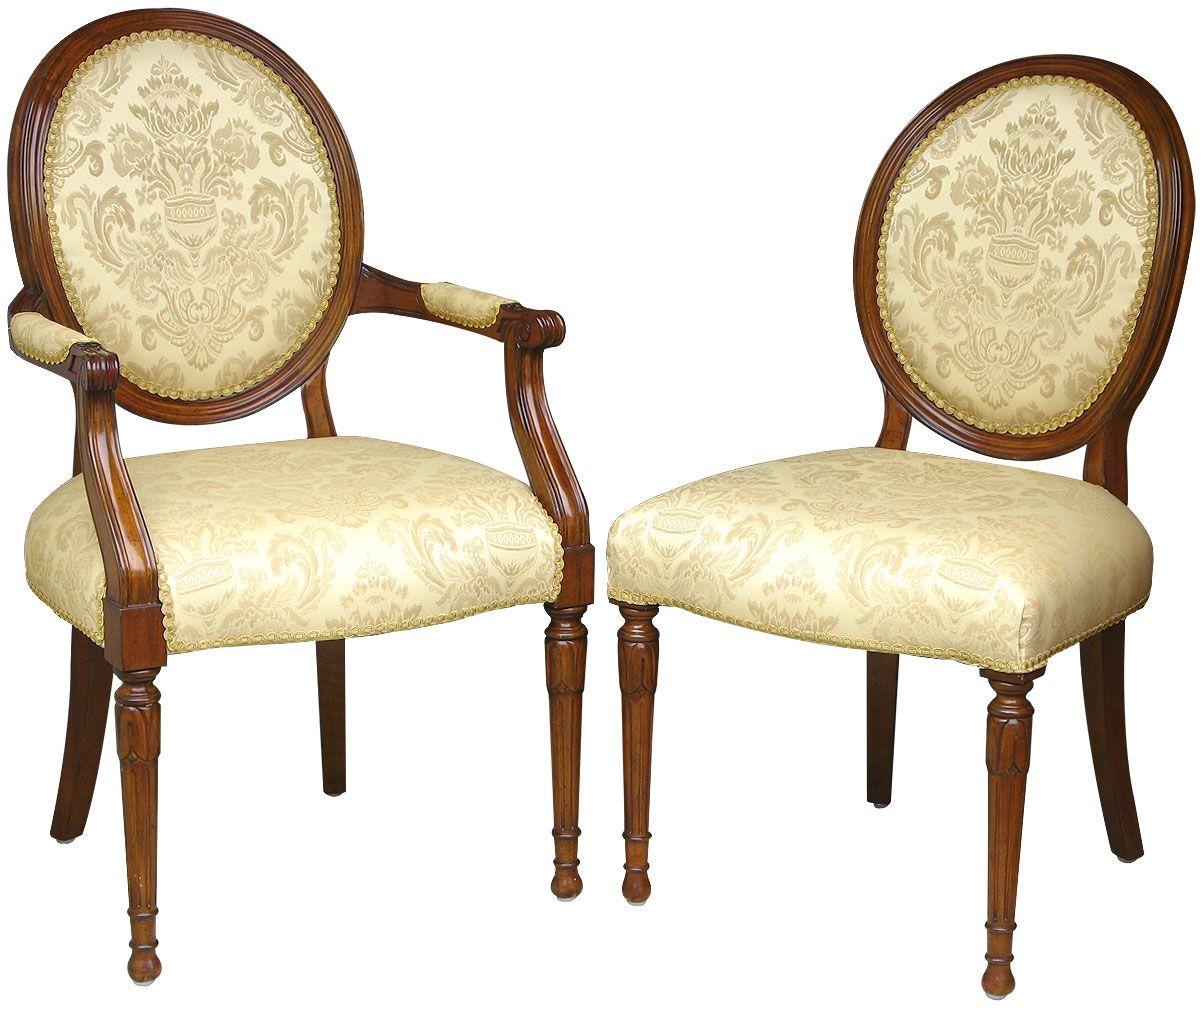 Antique chairs design - Antique Victorian Furniture